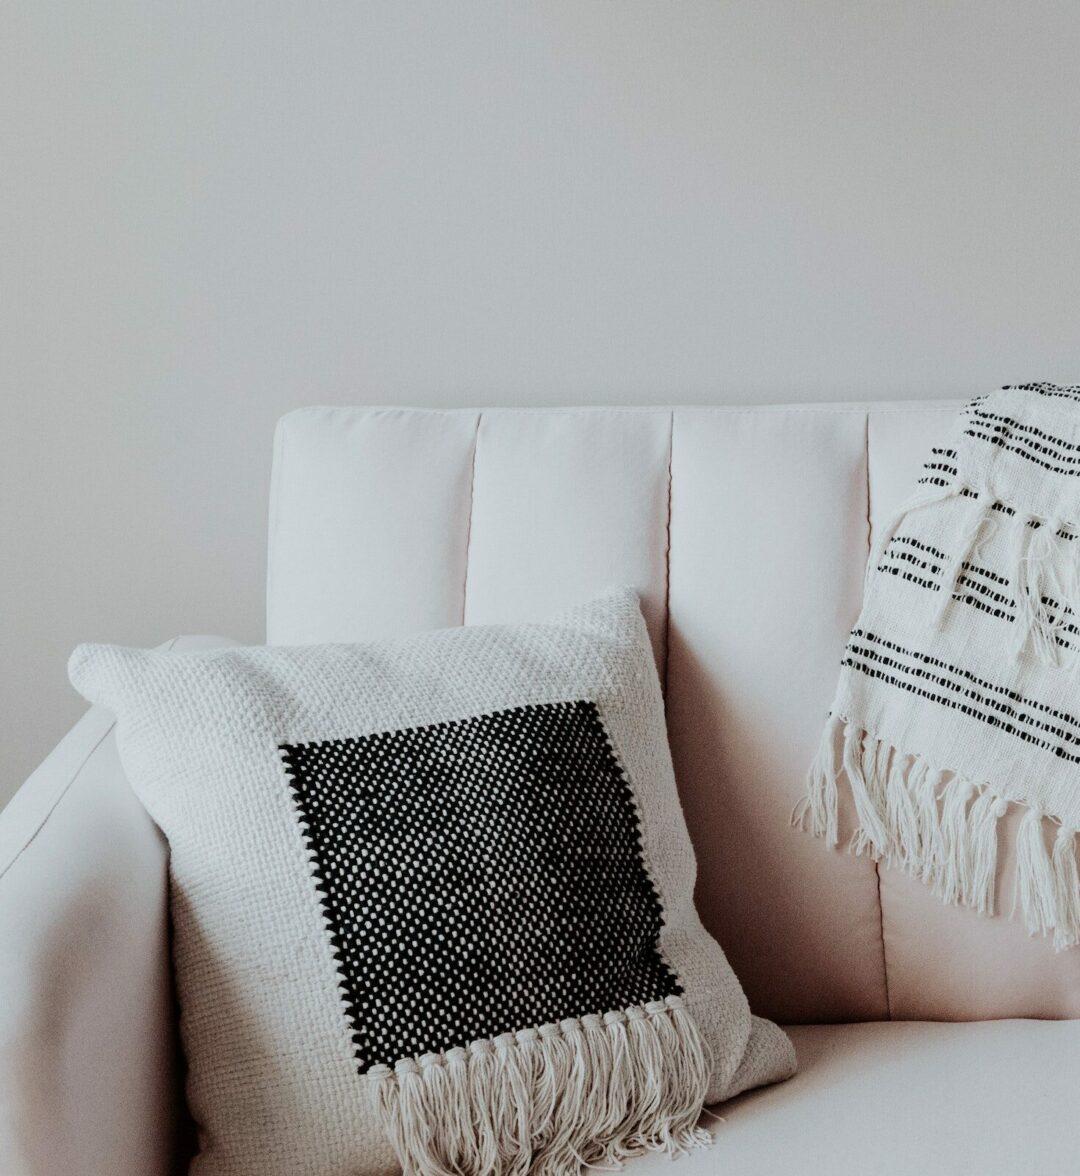 comment nettoyer canapé cuir blanc astuces grand-mère